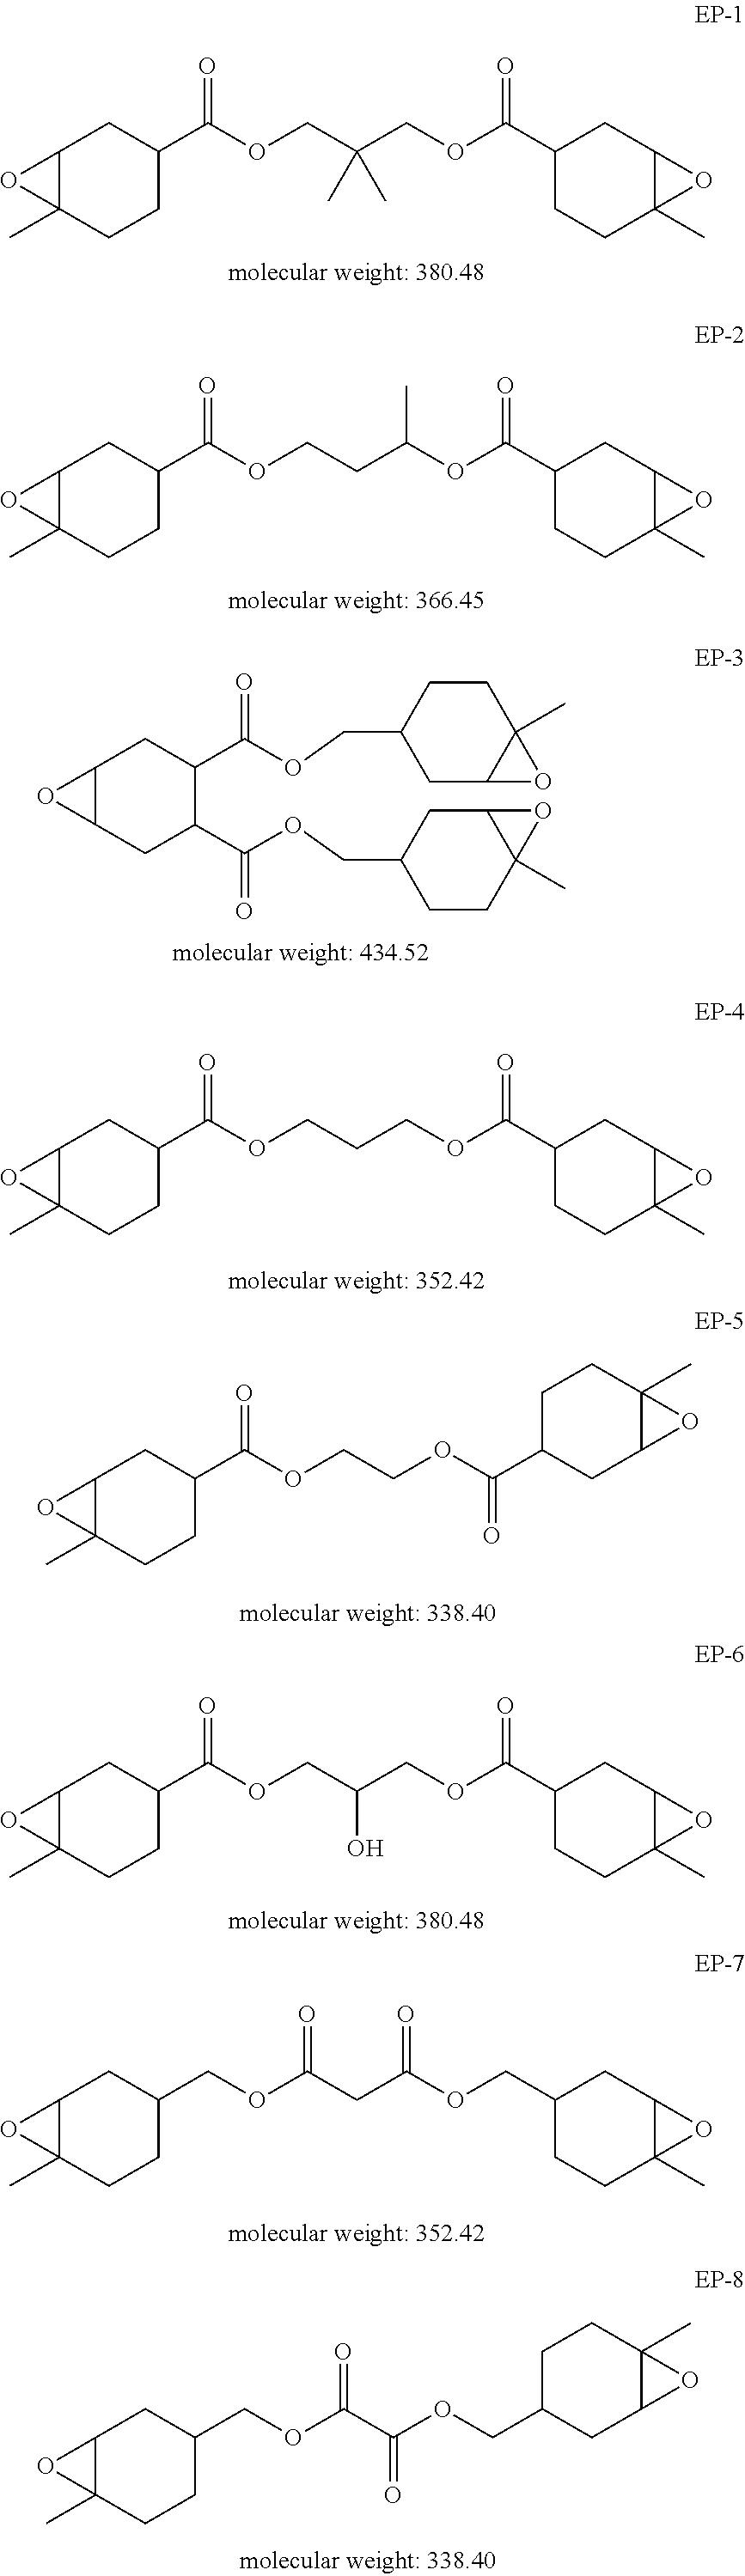 Figure US20110165387A1-20110707-C00001